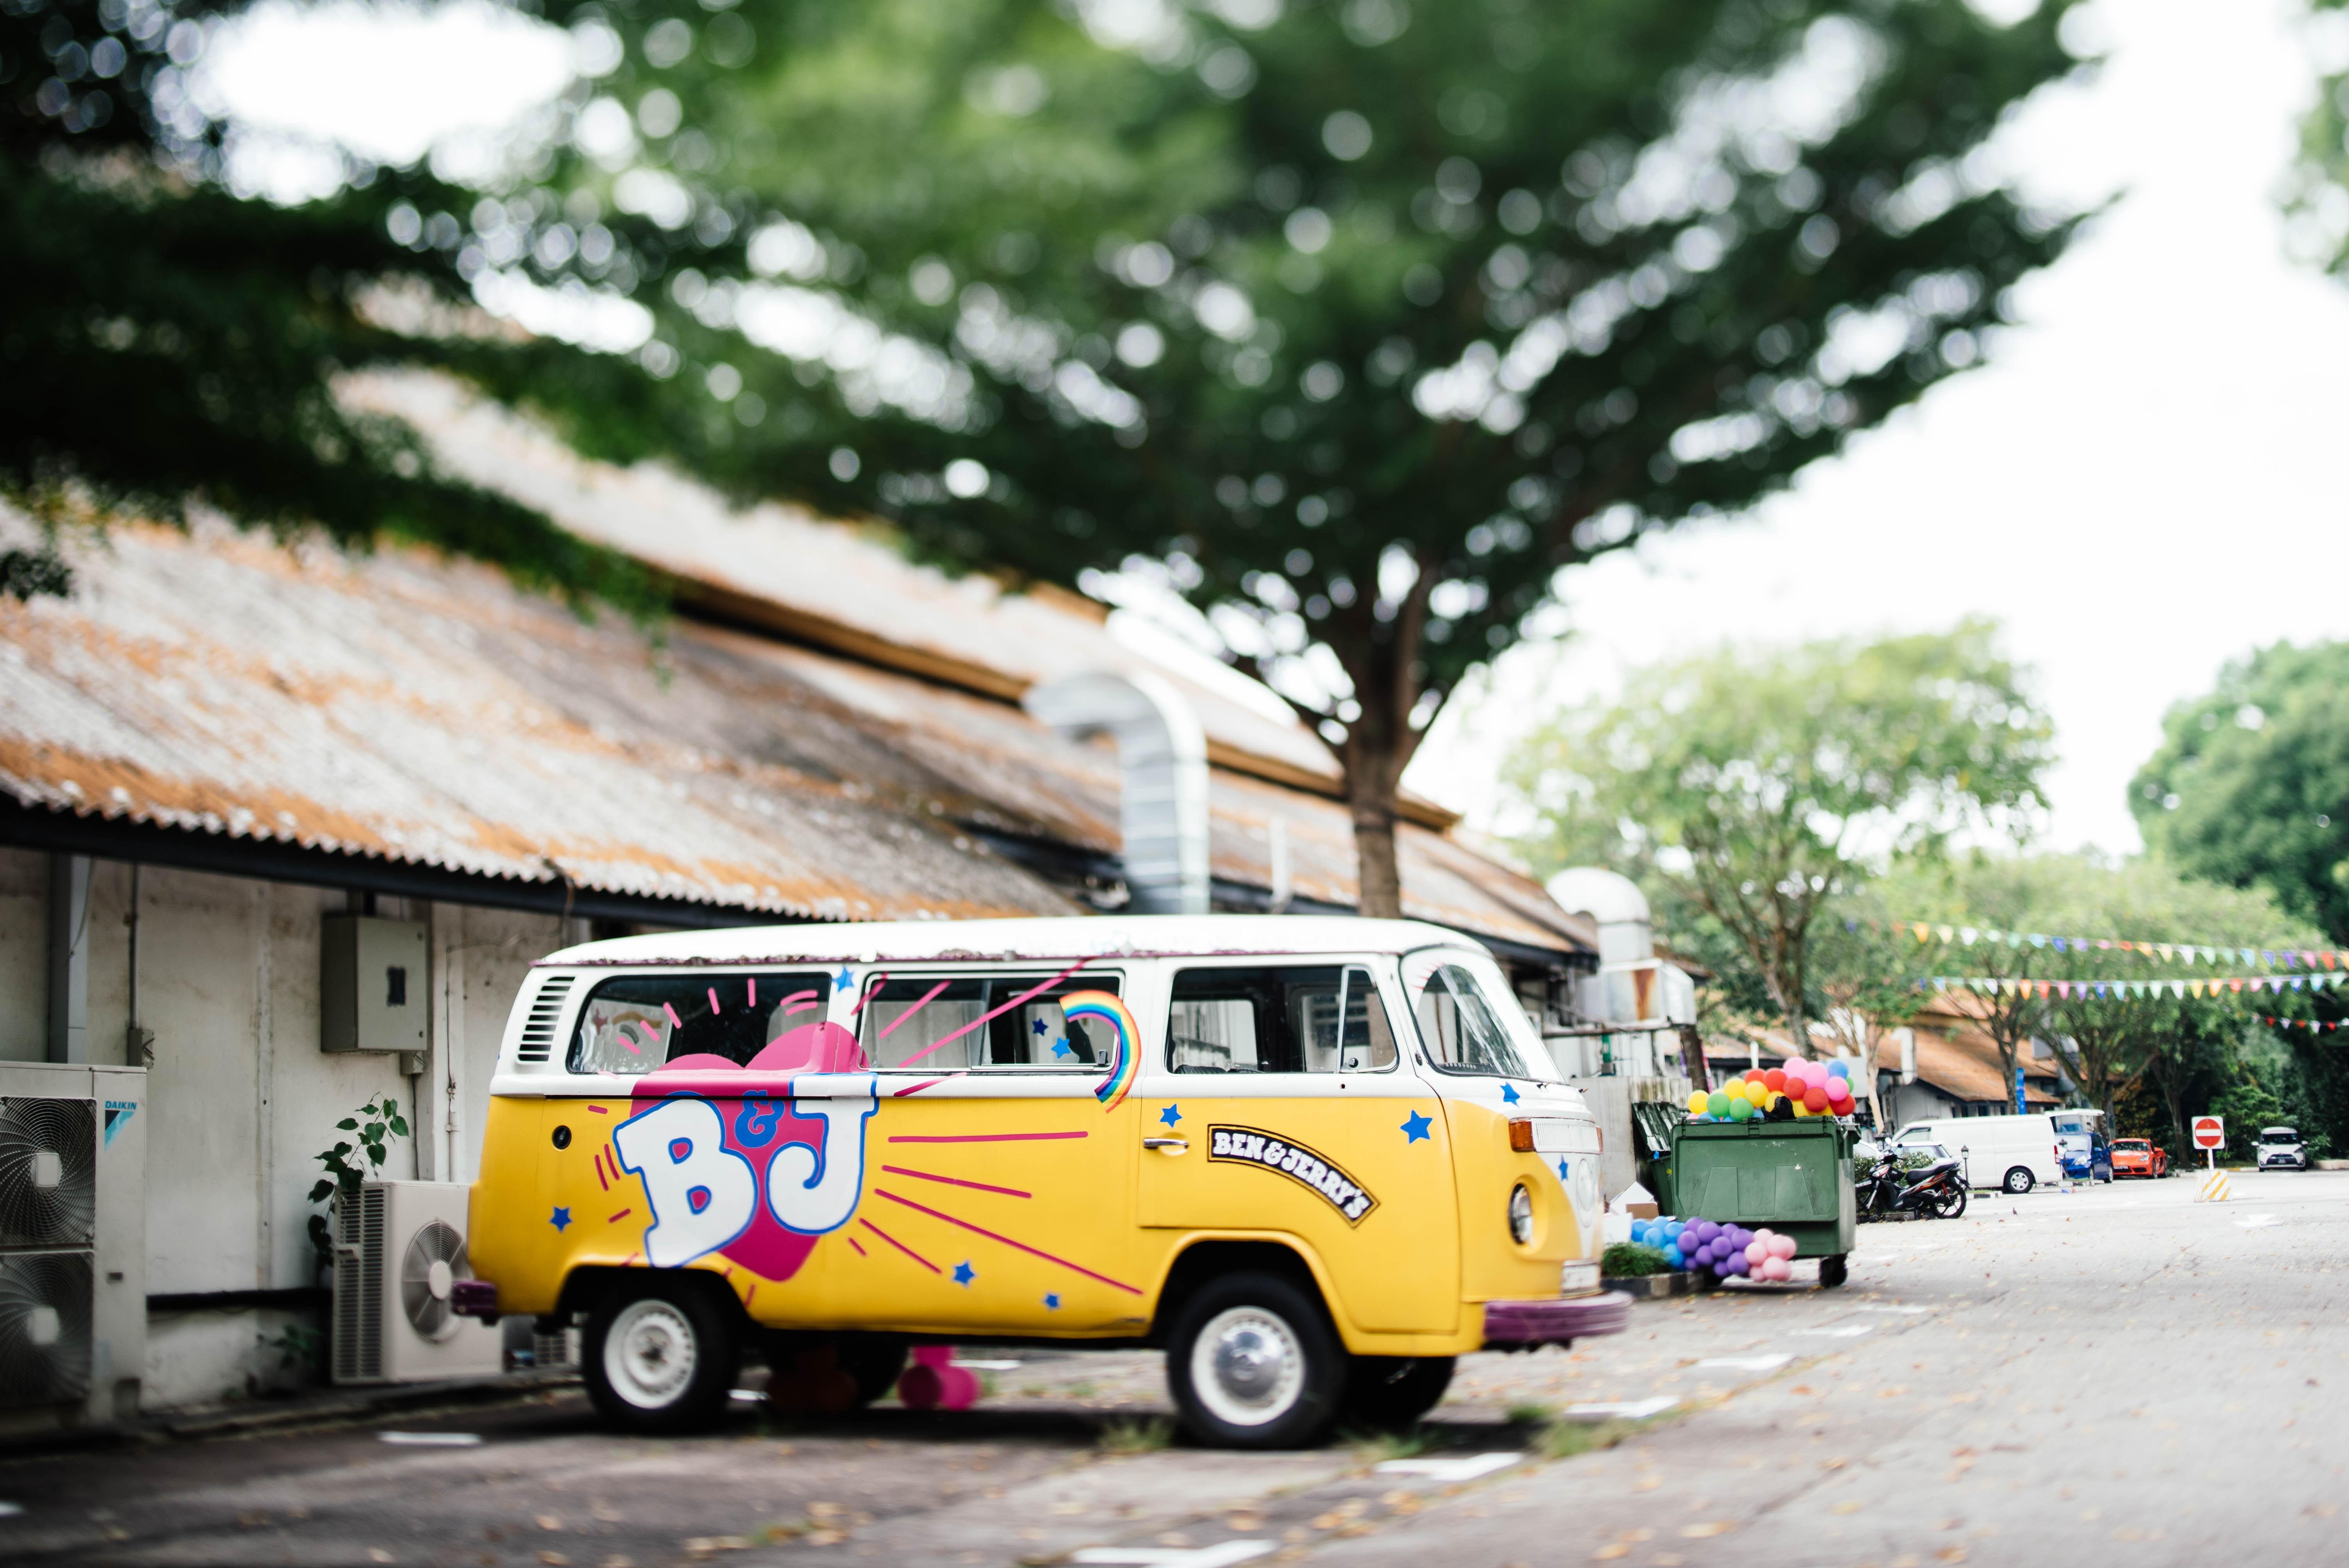 A Ben & Jerry's VW celebrating Pride.